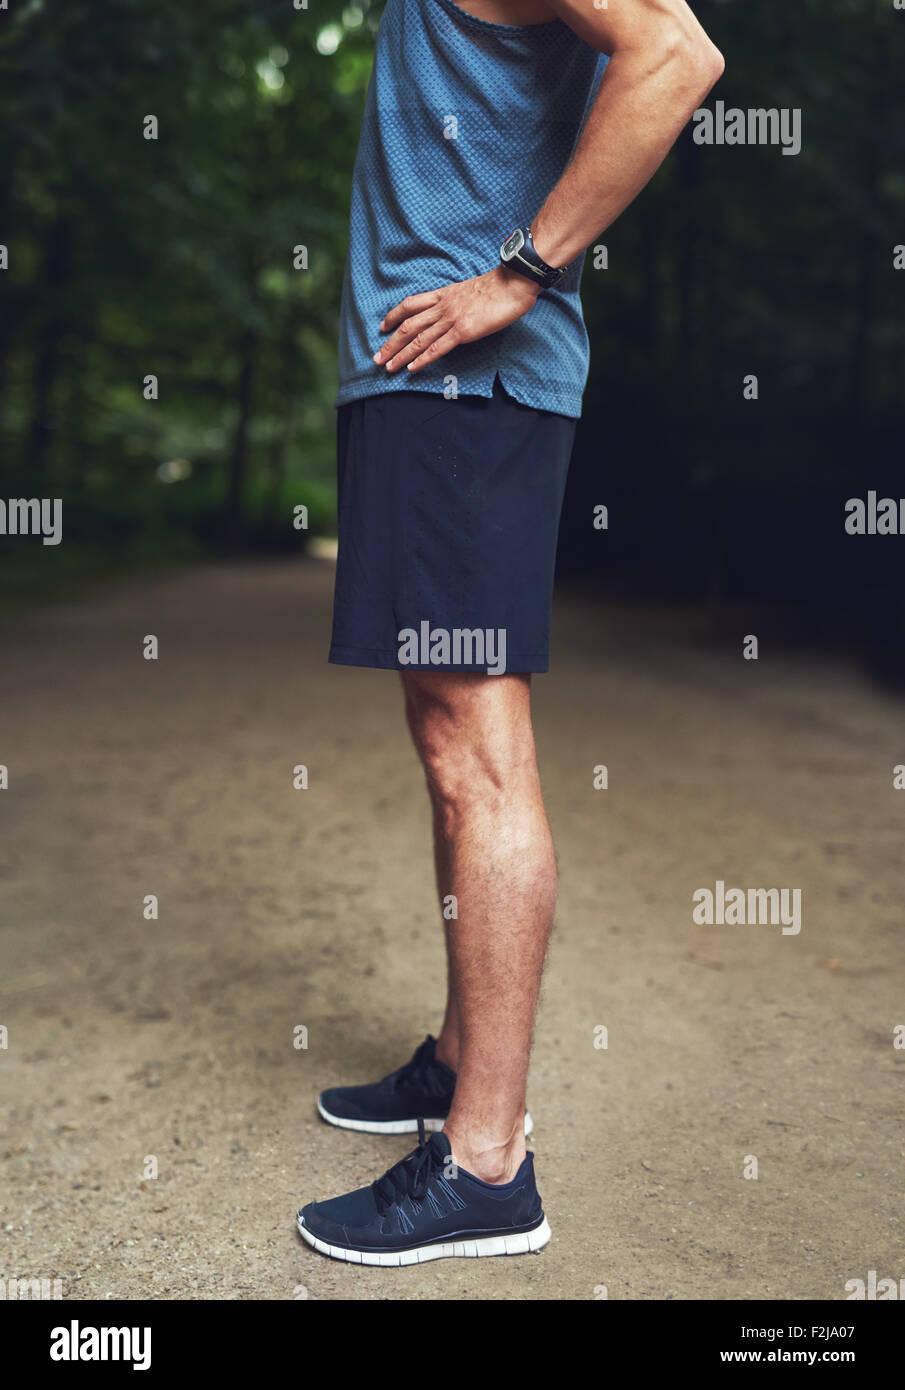 Kopflose Schuss von einem athletischen jungen Mann in Seitenansicht, stehen im Park mit Hand auf Taille. Stockbild